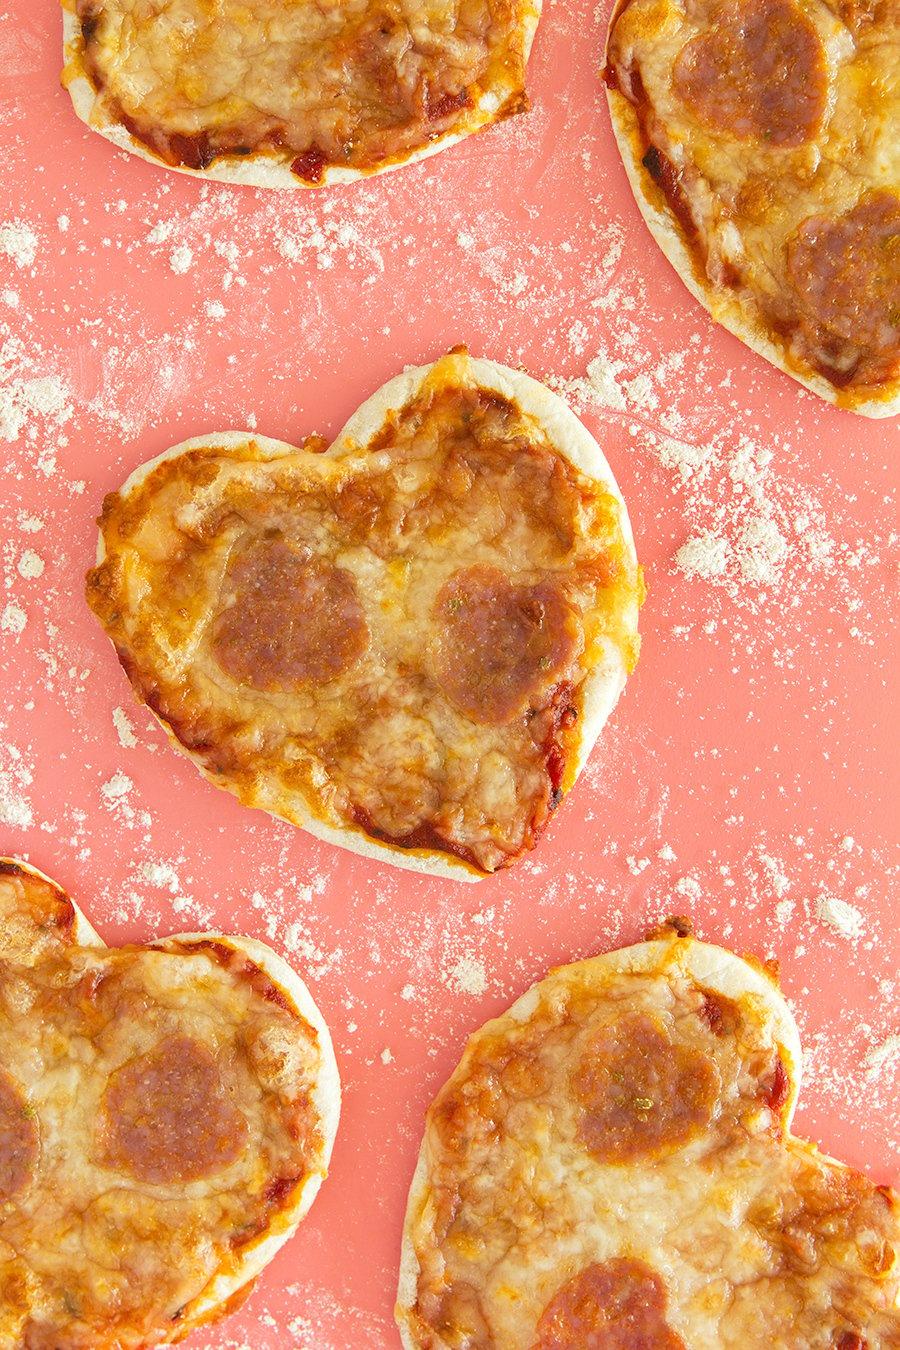 Ausdrücken Sie Ihre Gefühle durch unser Rezept für Pizza mit Herz -Form!